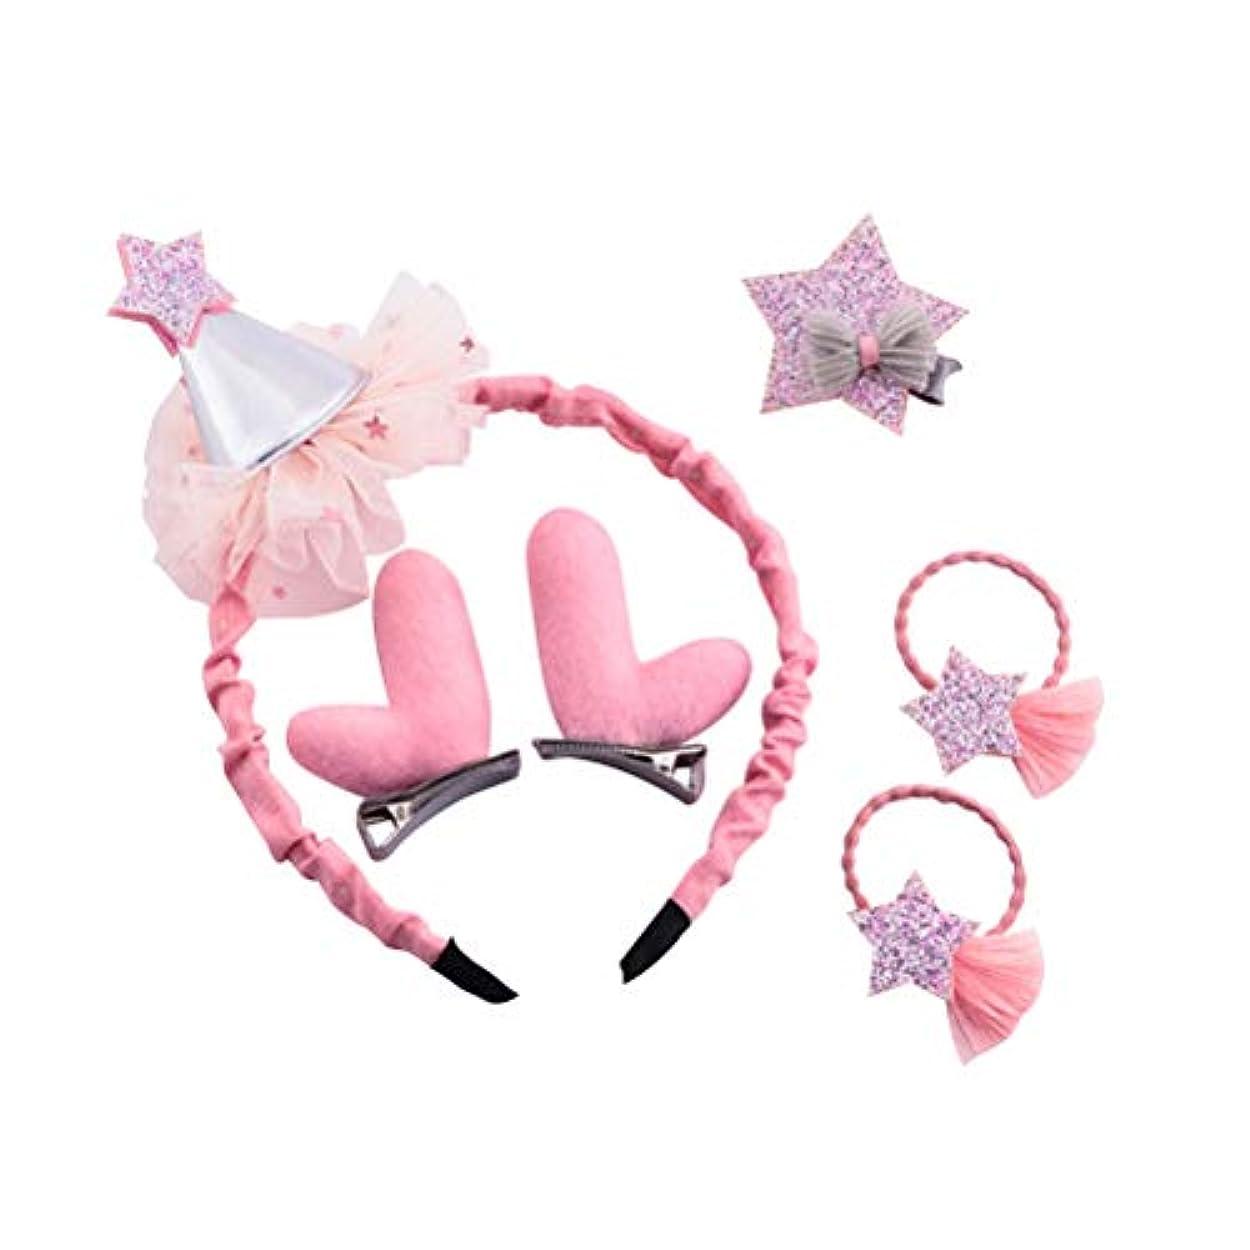 発火するジョージハンブリーロバBESTOYARD クリスマスの髪のアクセサリー帽子のレンダーの飾り飾りヘッドバンドのヘアクリップ女の子のためのピンバレッタの髪の弾性(ピンク)